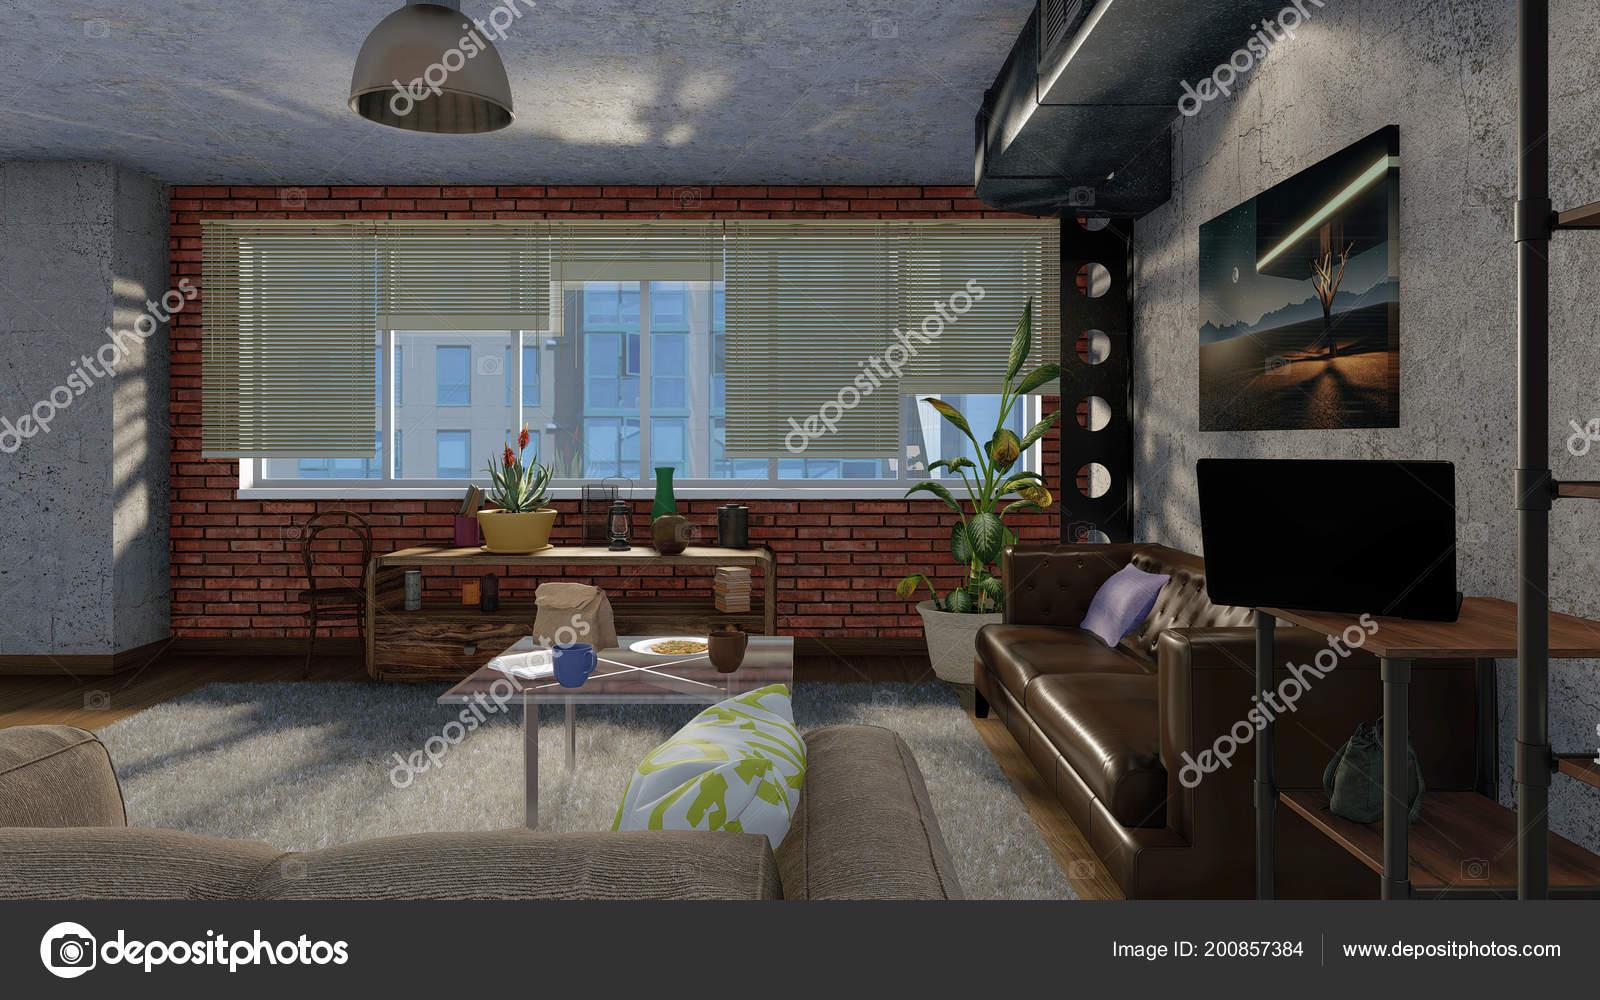 Moderne minimalistische woonkamer interieur loft appartement met